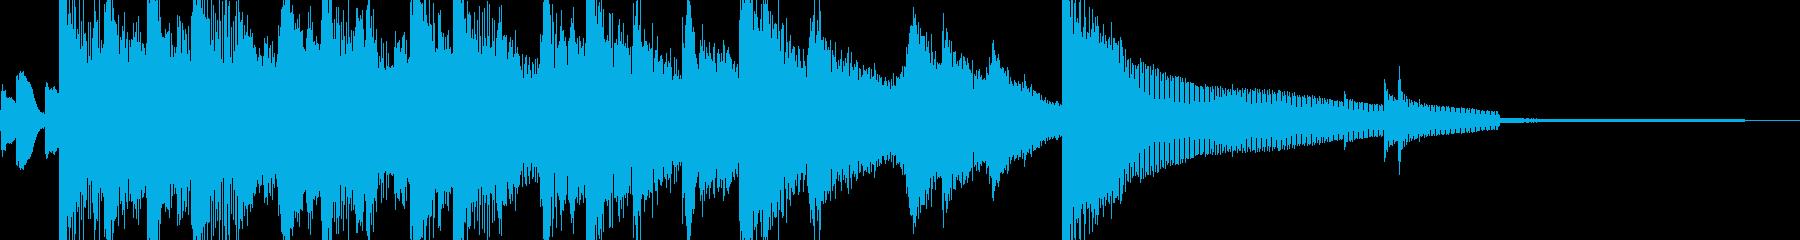 夜景デートを彩るジャズジングルの再生済みの波形